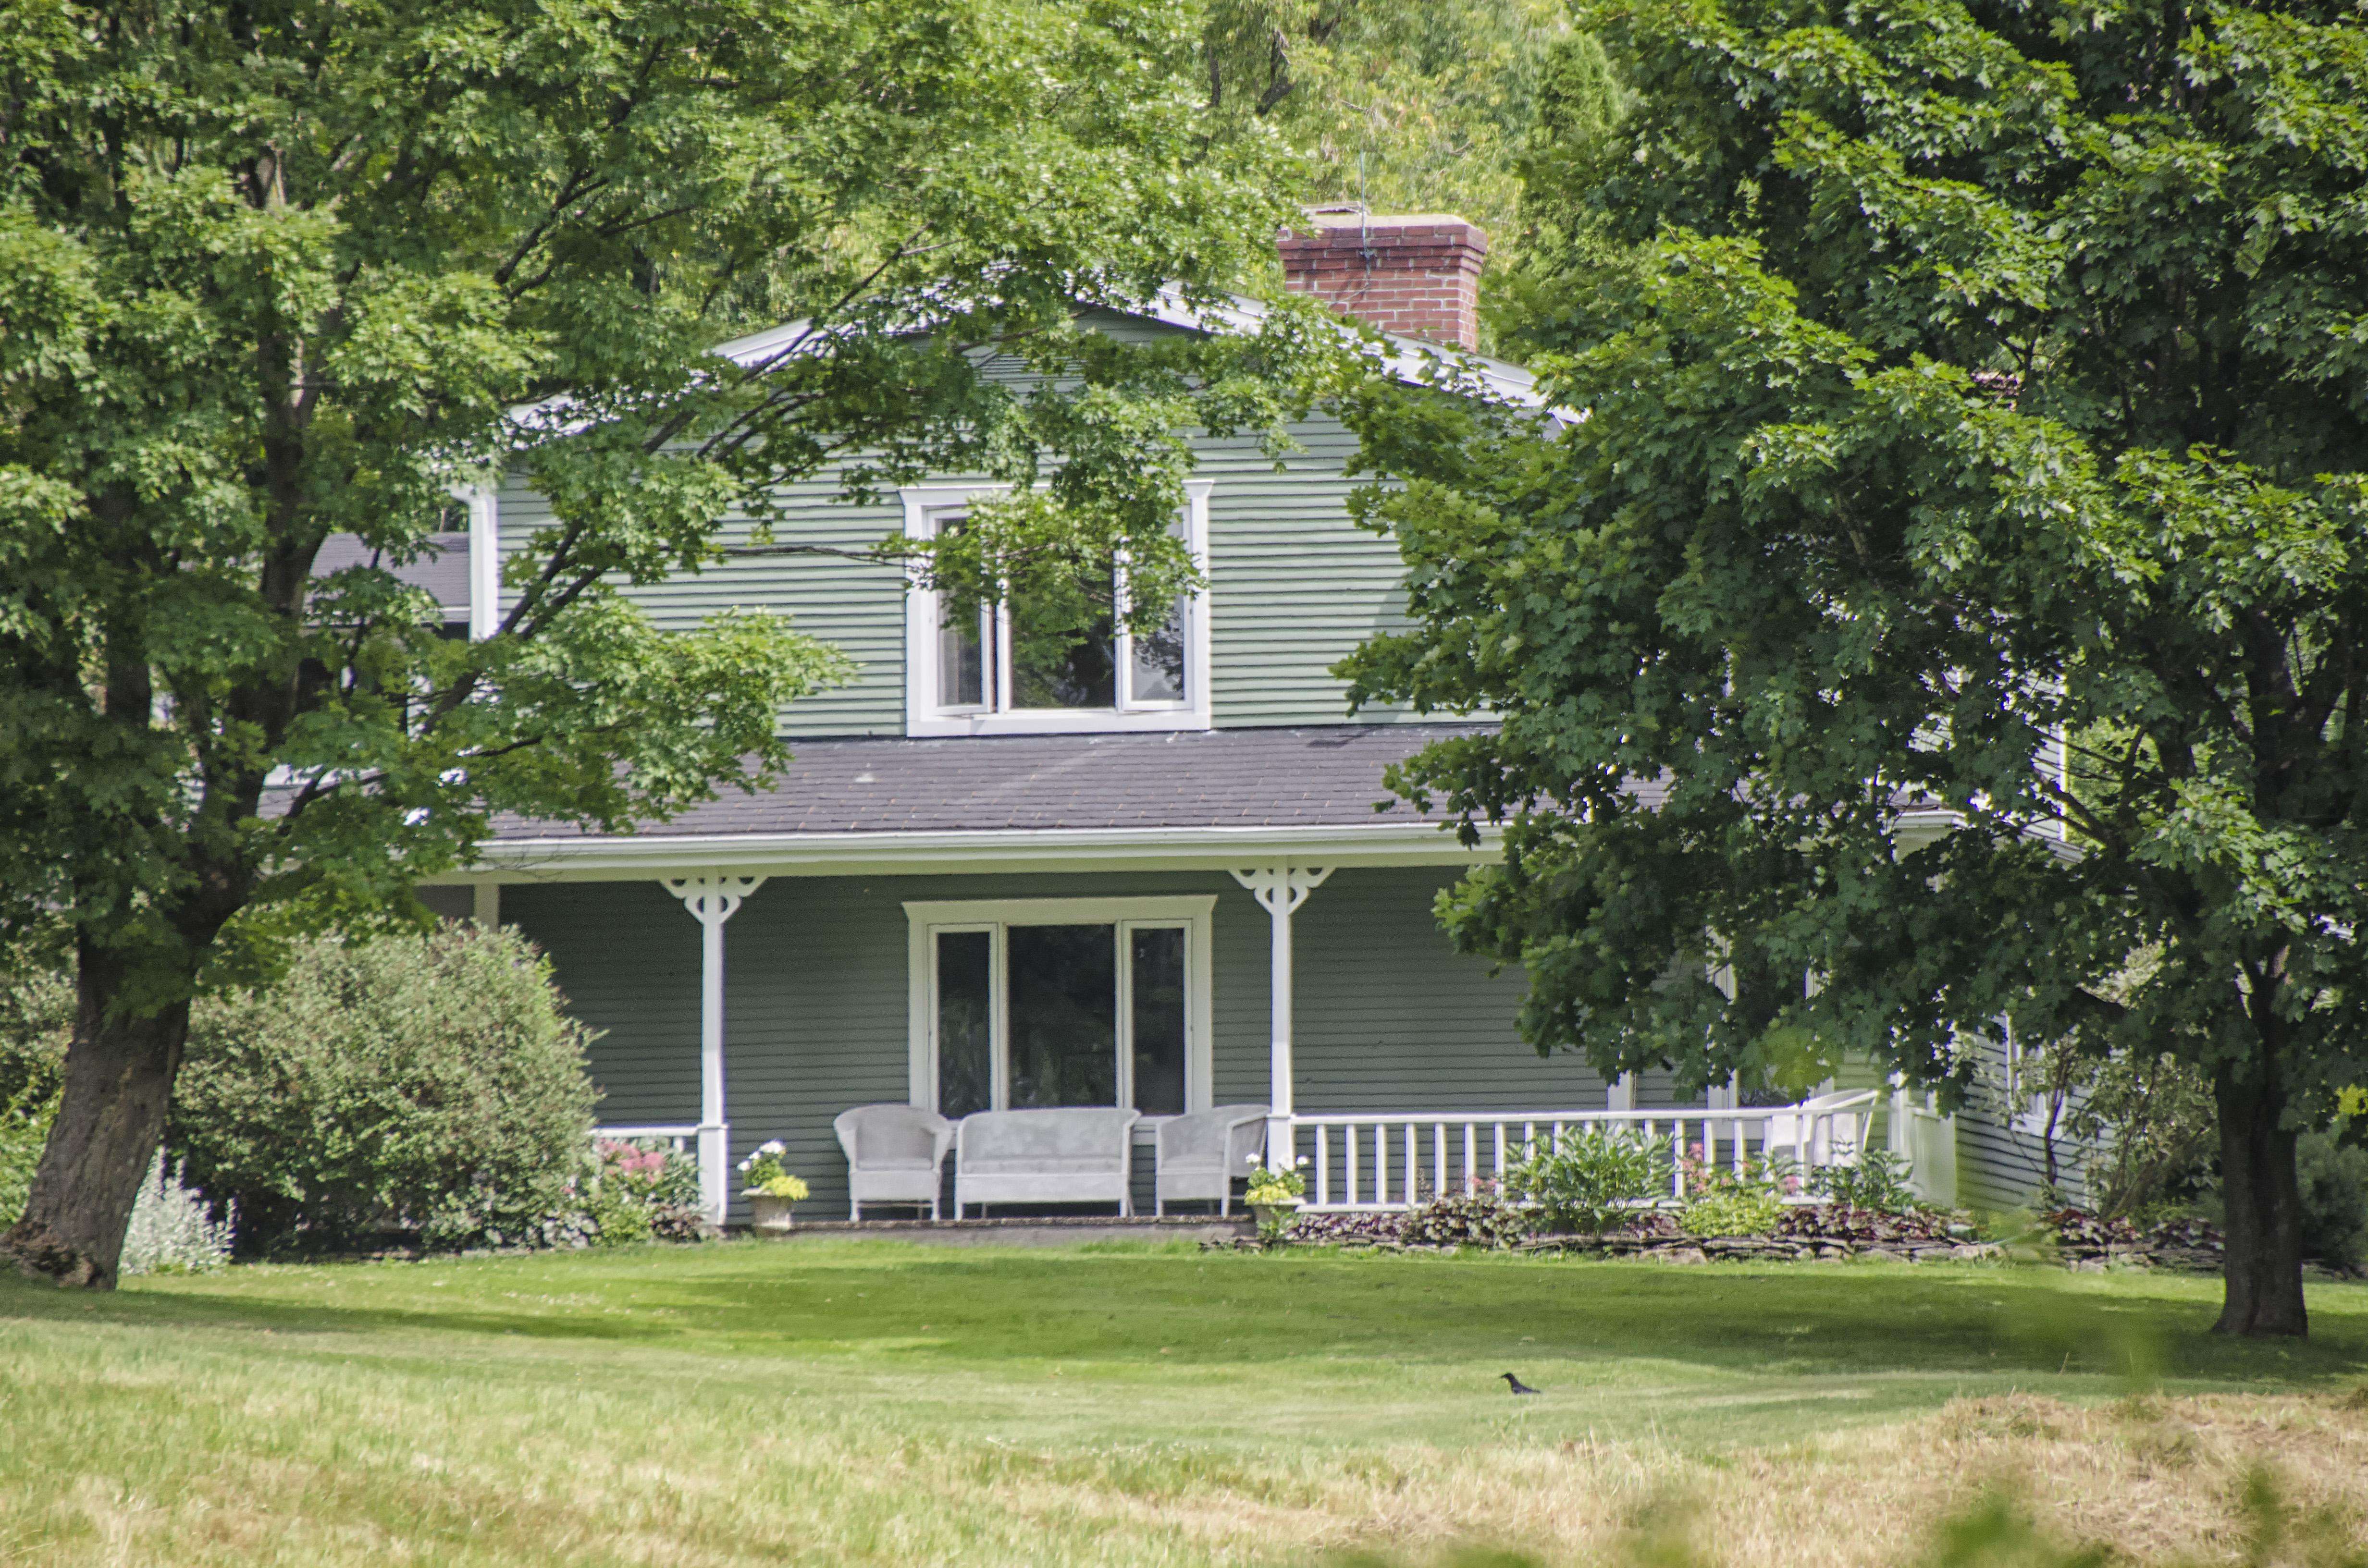 Images Gratuites : arbre, la nature, pelouse, Manoir, maison ...